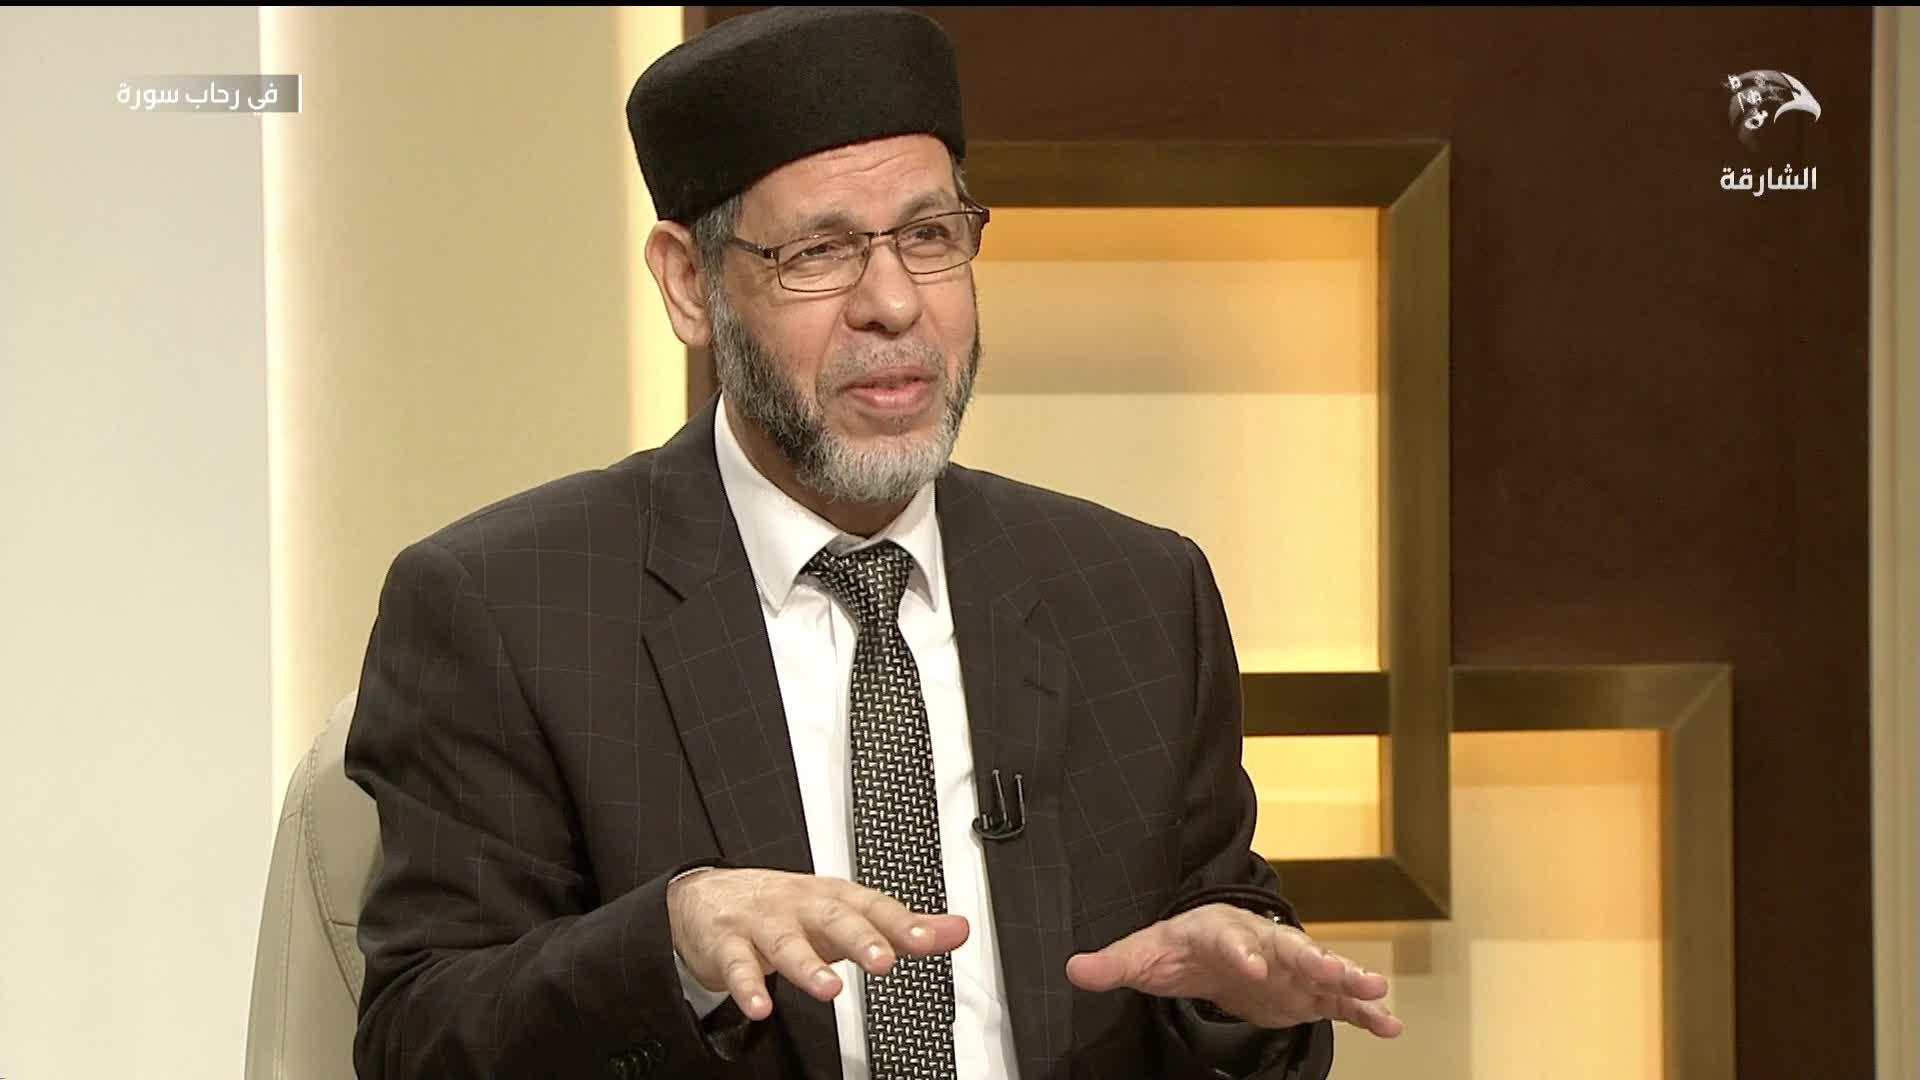 سورة محمد الجزء التاسع